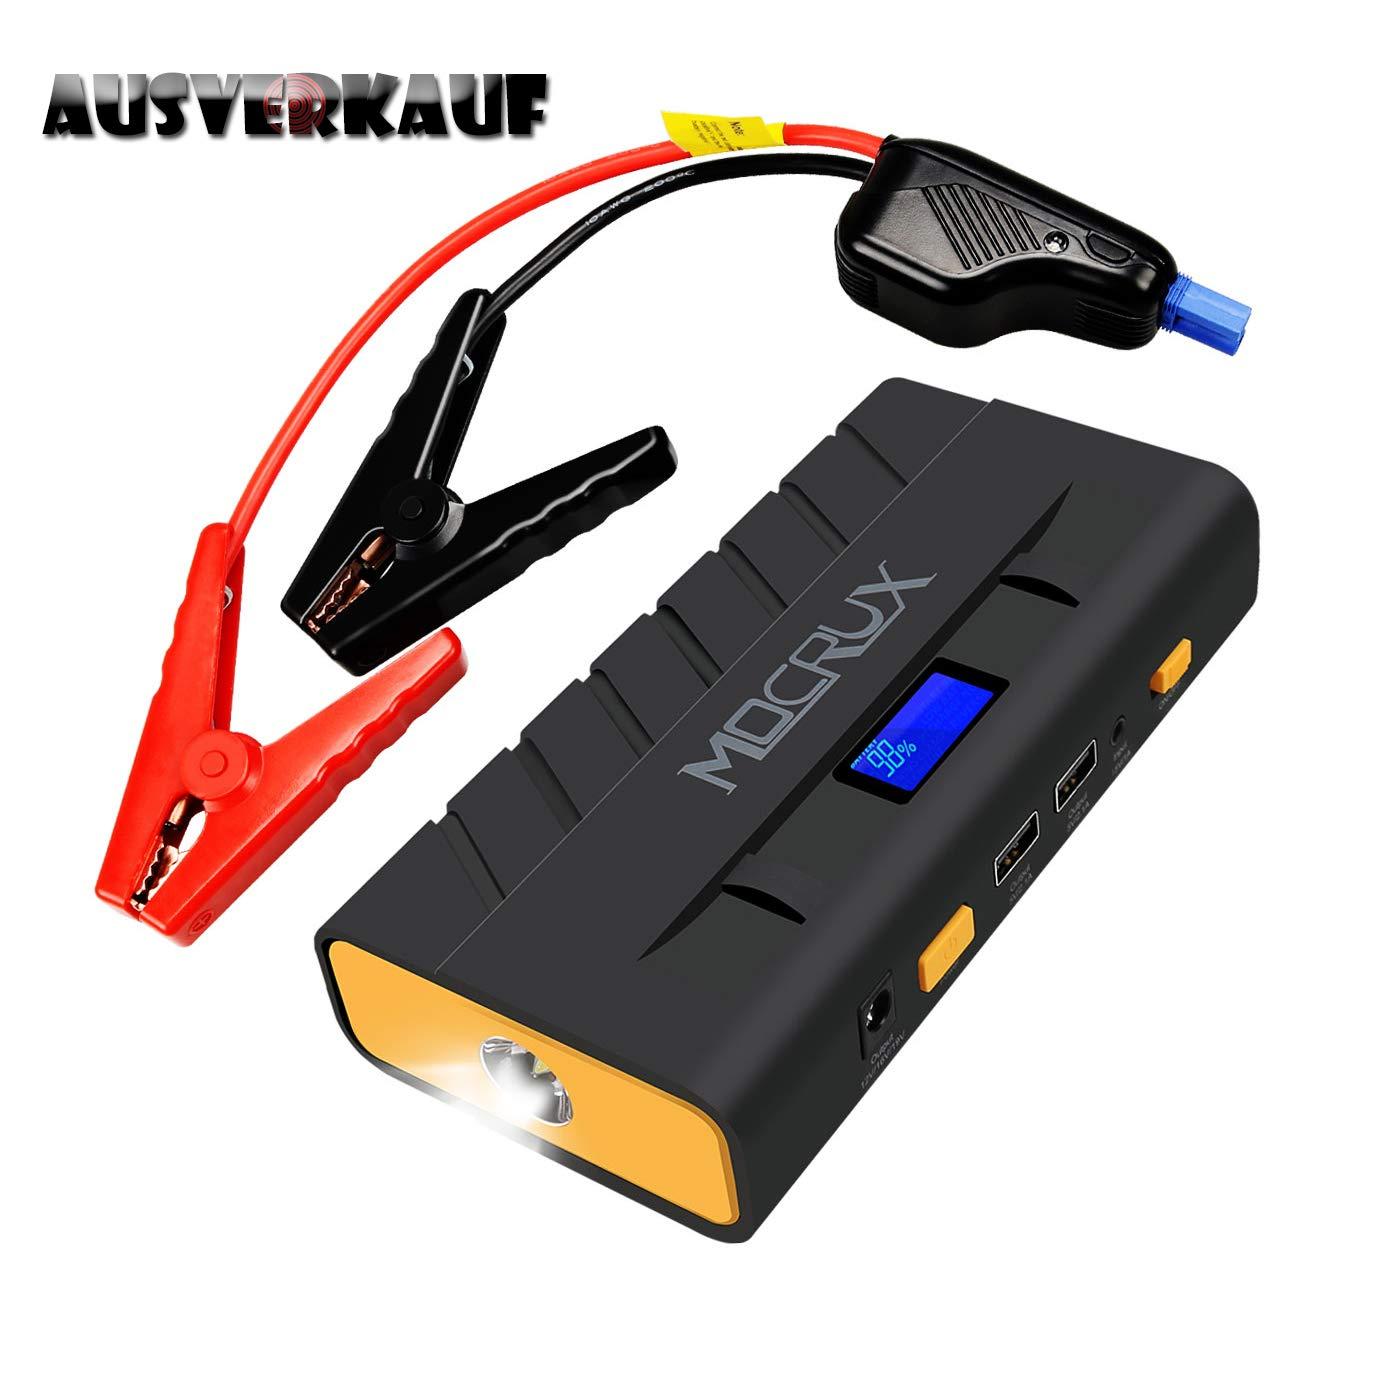 MOCRUX Auto Starthilfe, 500A Spitzenstrom 13600mAh Tragbare Autobatterie Anlasser, Externer Akku Ladeger/ä t mit Eingebaute LED Taschenlampe, LCD Display f/ü r Laptop, Smartphone, Tablet